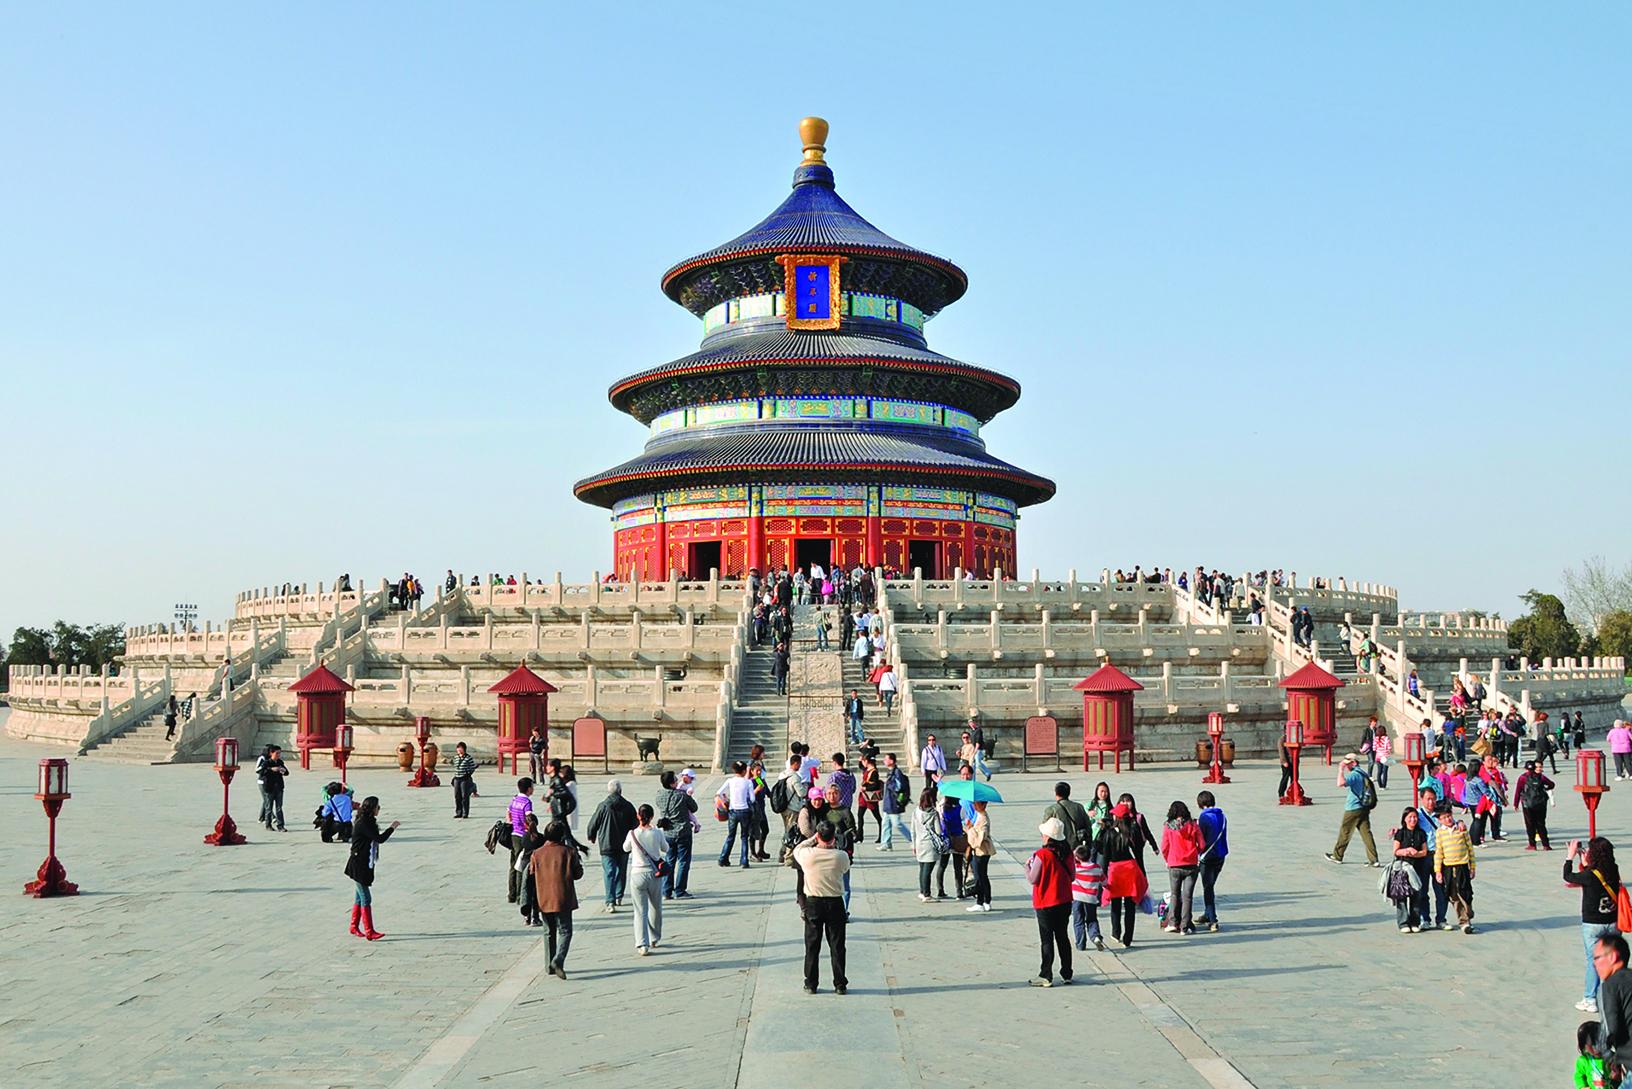 天壇是中國現存規模最大的祭祀建築群。明、清兩朝帝王在這裏祭天、祈穀、祈雨。圖為祈年殿。(公有領域)